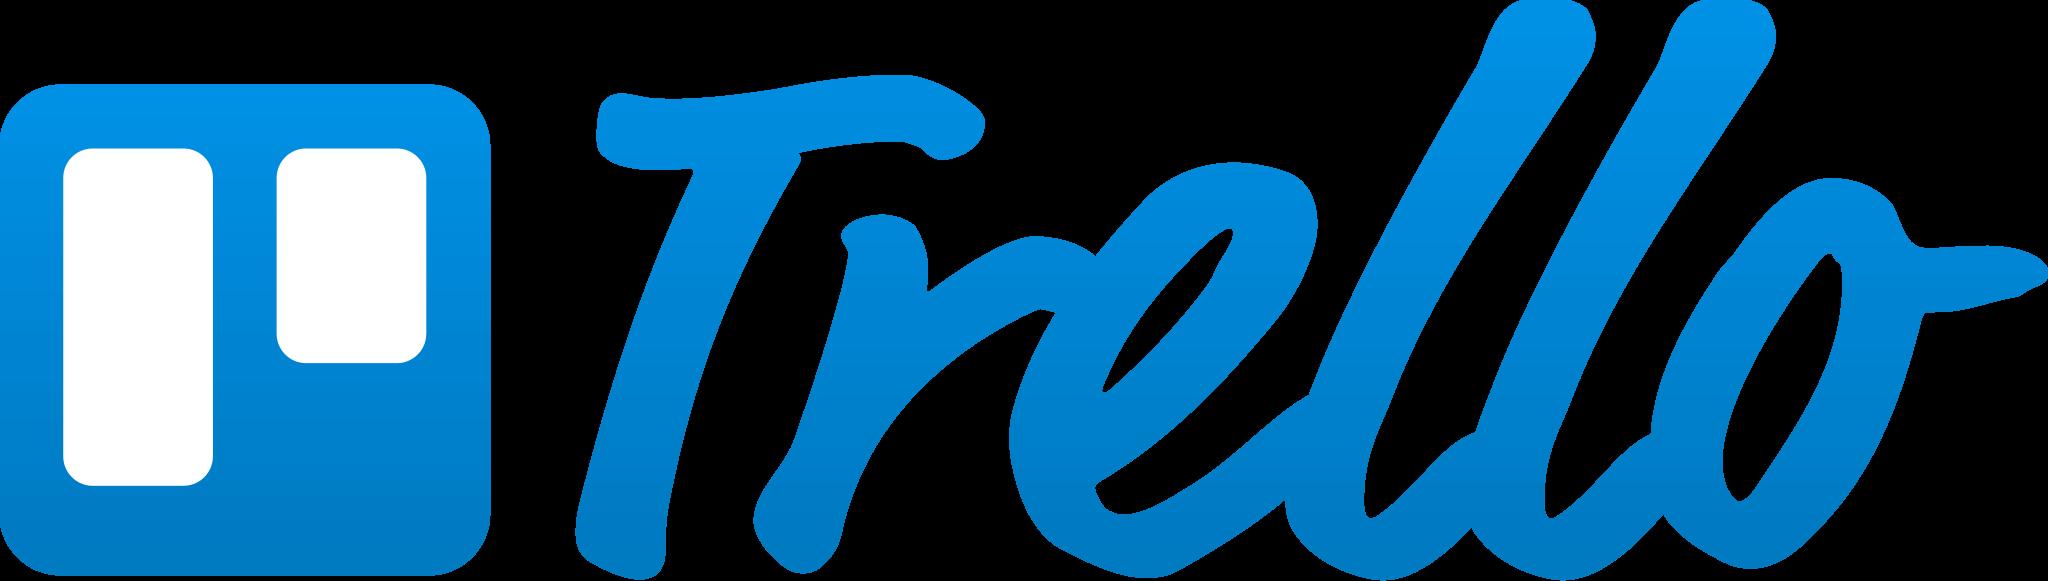 Trello